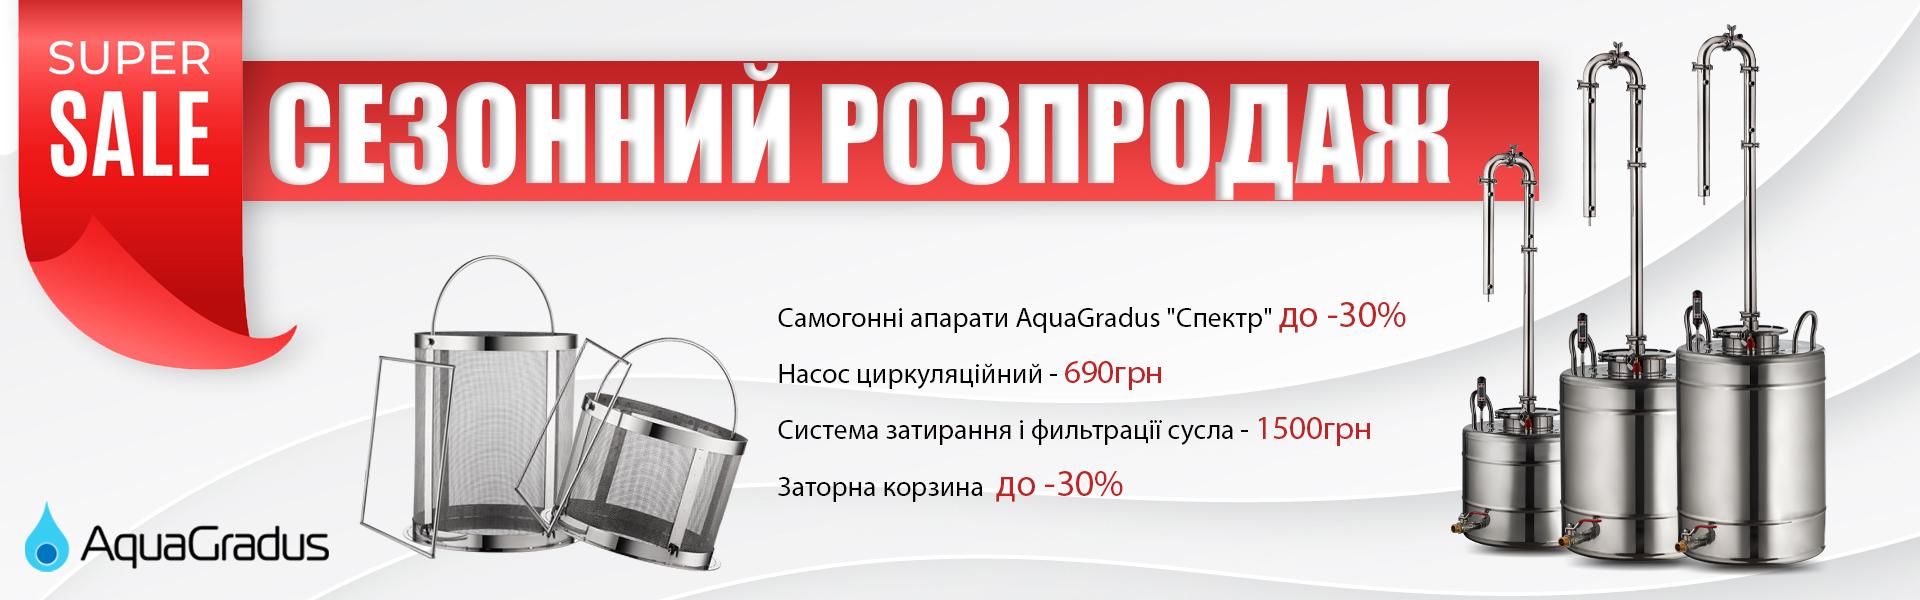 Скидка Черная Пятница Самогонный аппарат ПВК